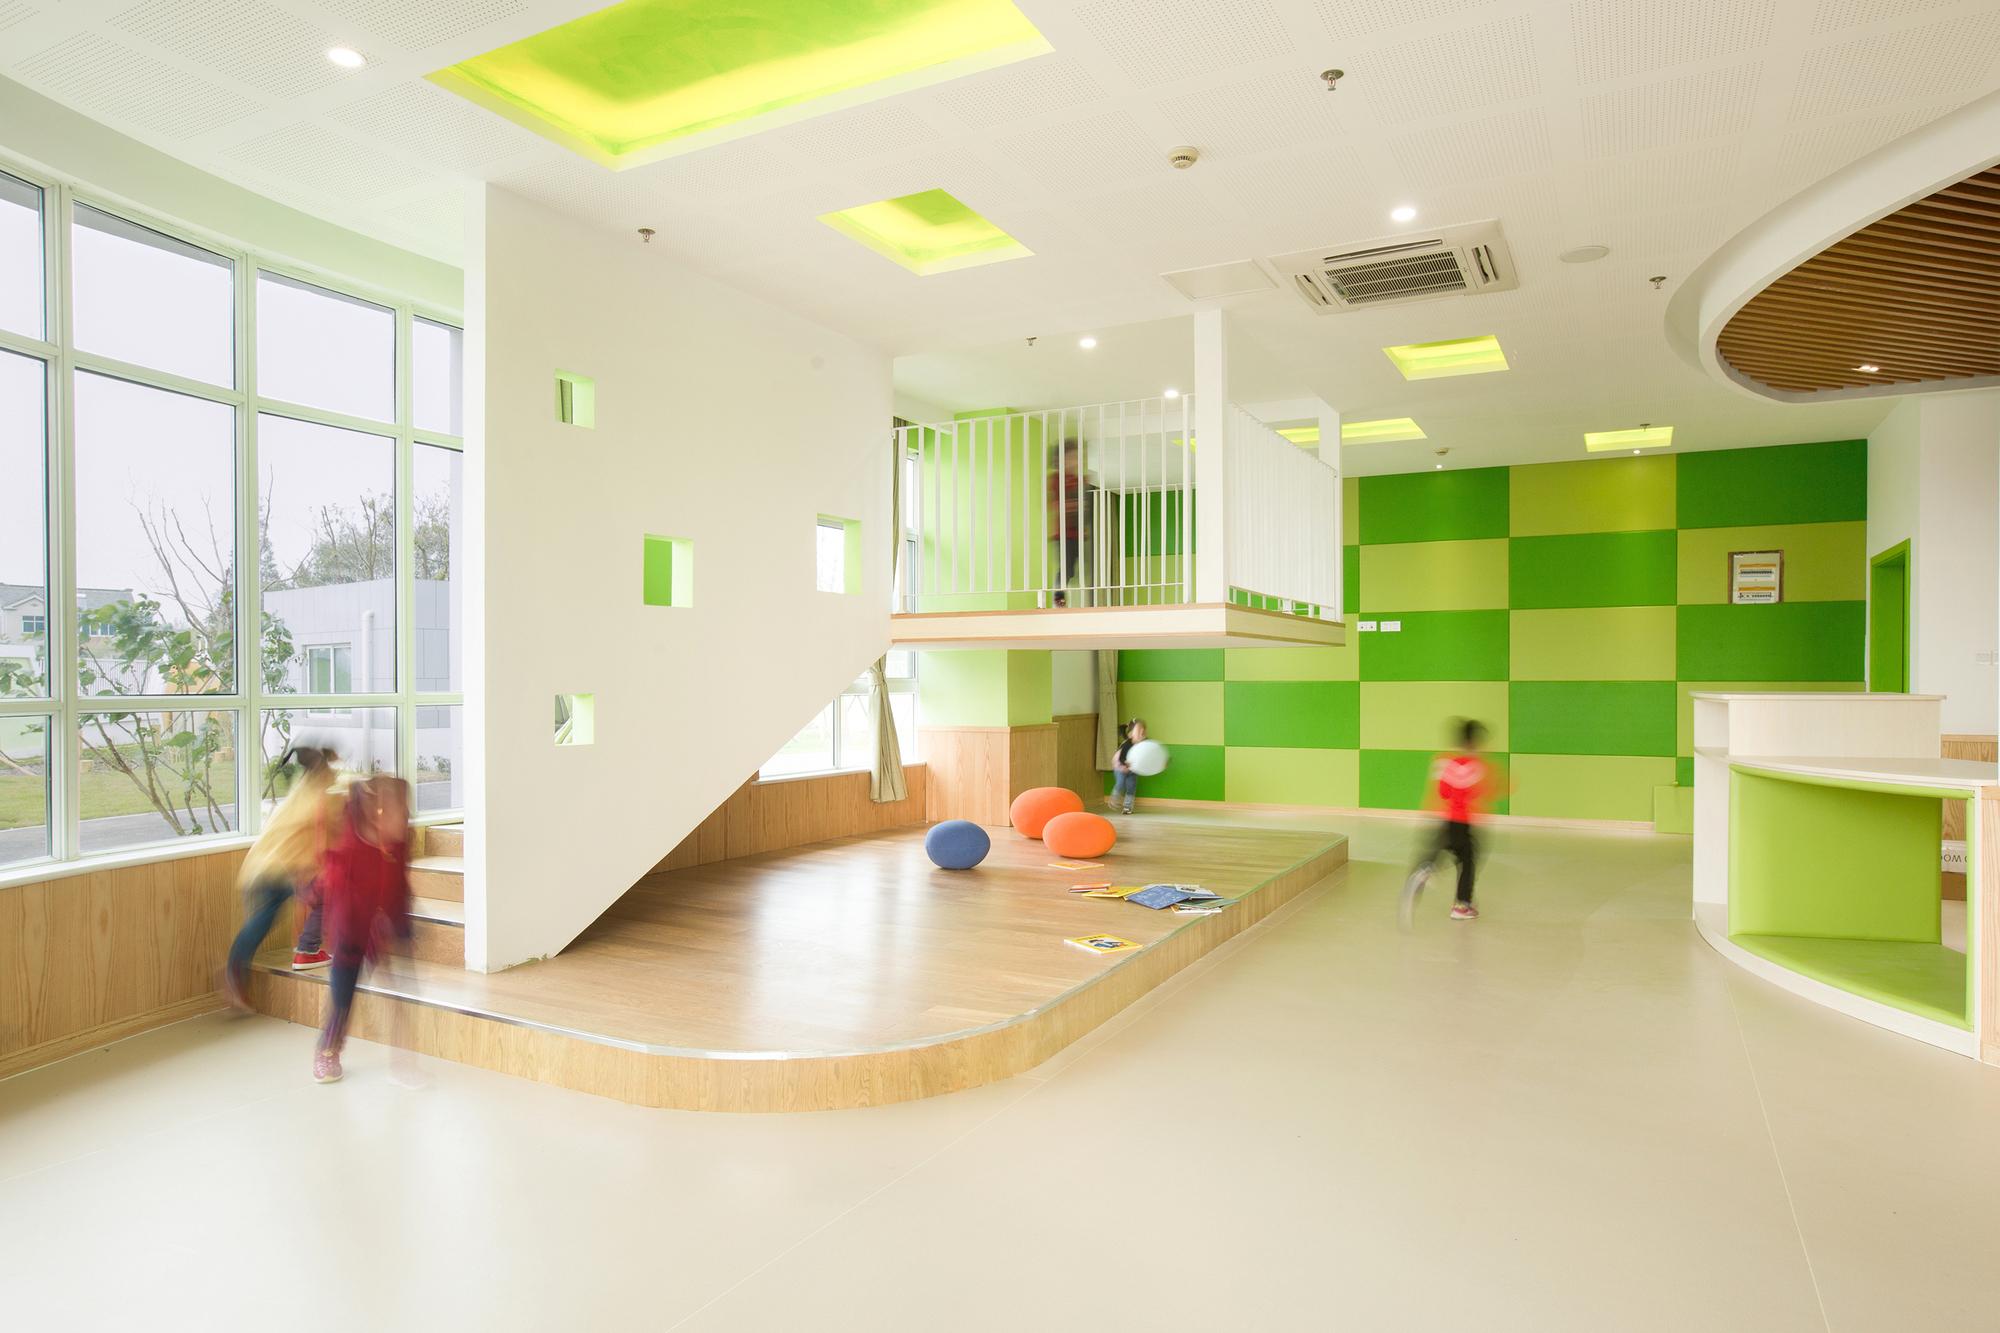 Modern Preschool Classroom Design ~ Gallery of sanhuan kindergarten perform design studio